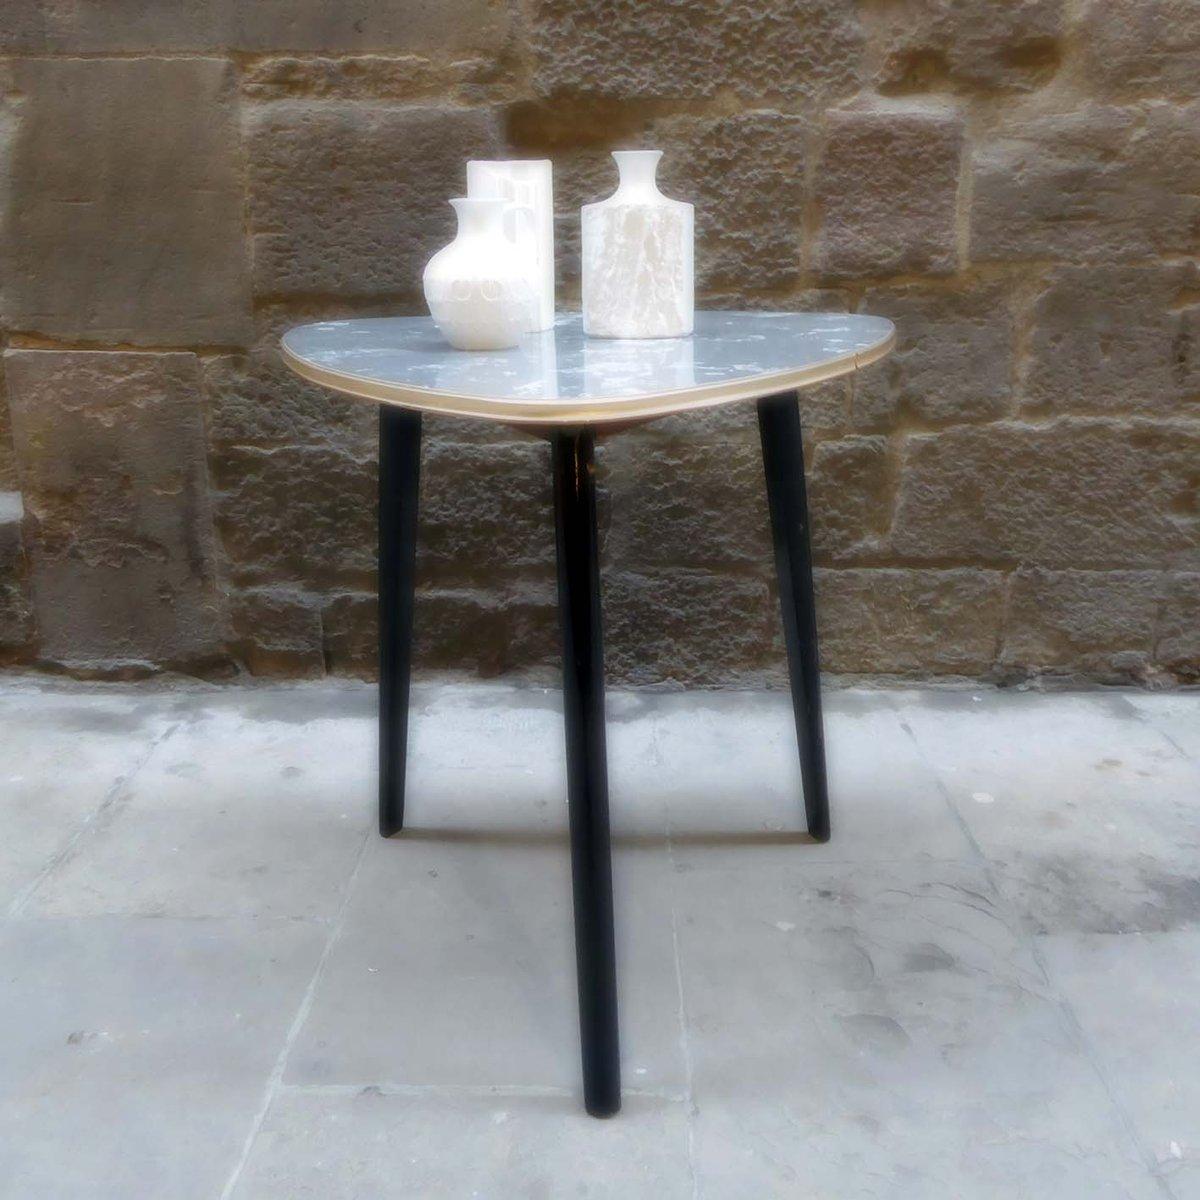 moderner midcentury dreiecks tisch bei pamono kaufen. Black Bedroom Furniture Sets. Home Design Ideas